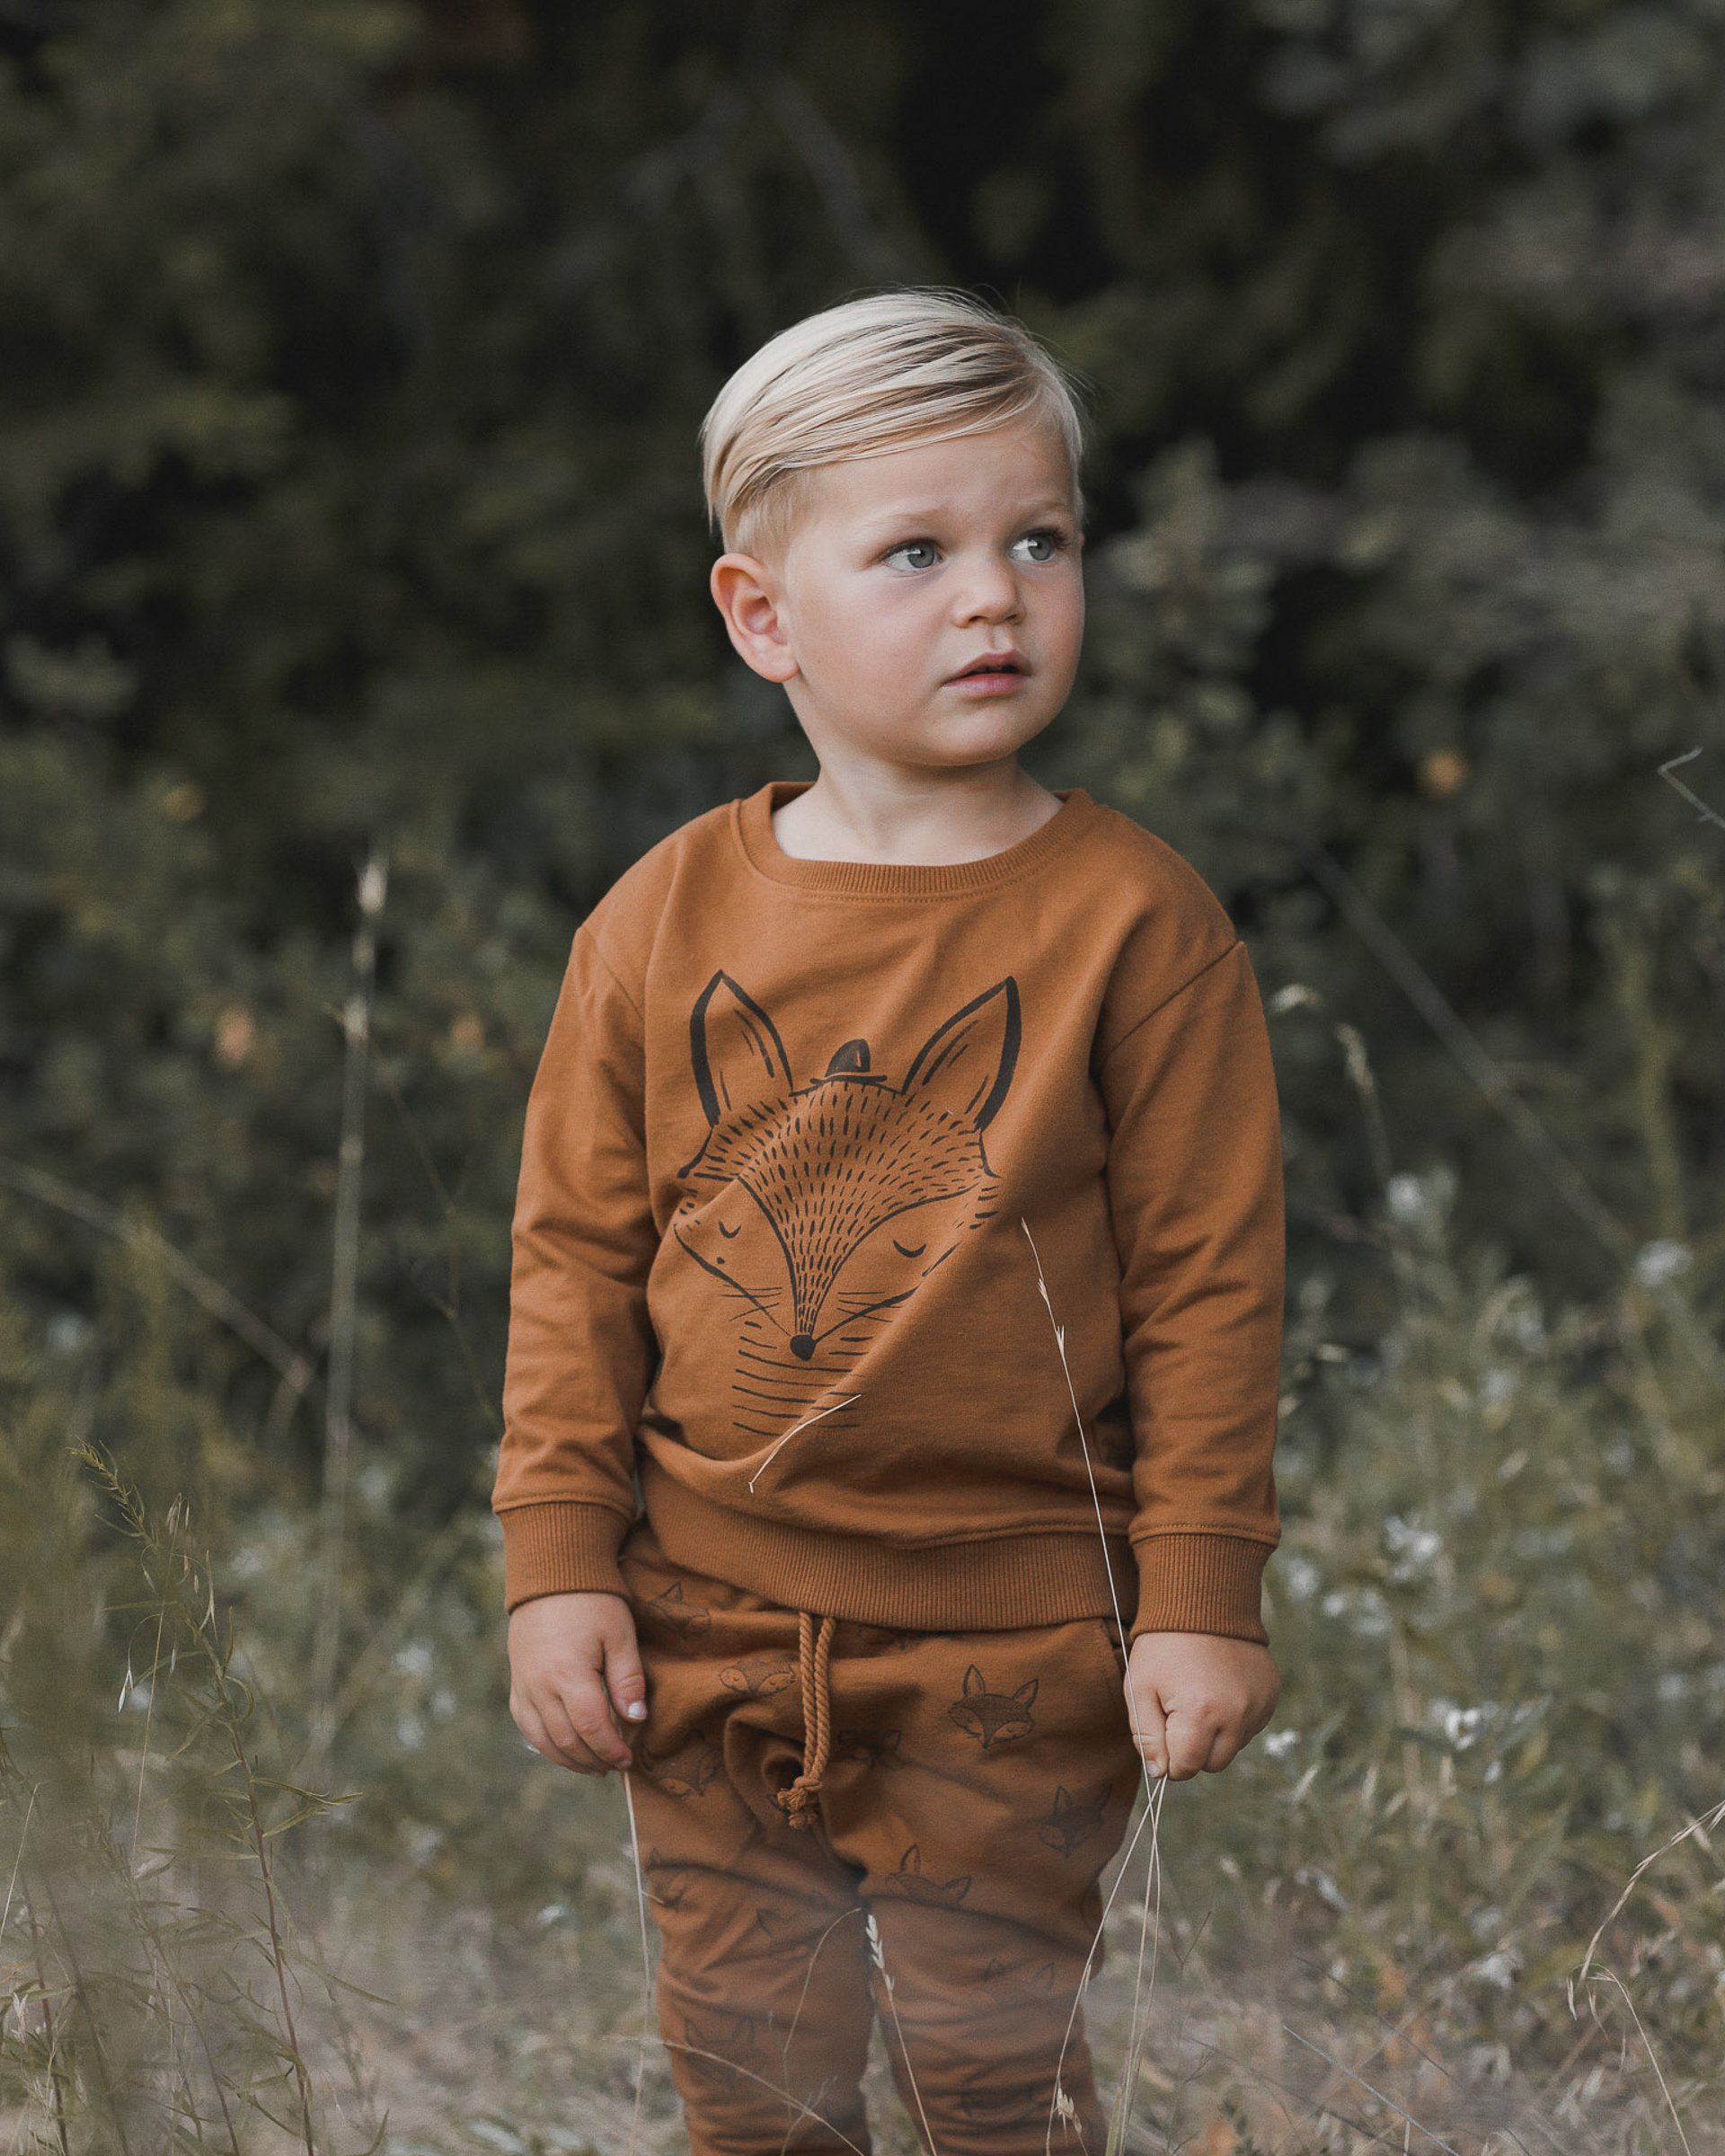 Cinnamon Fox Print Sweatshirt by Rylee + Cru